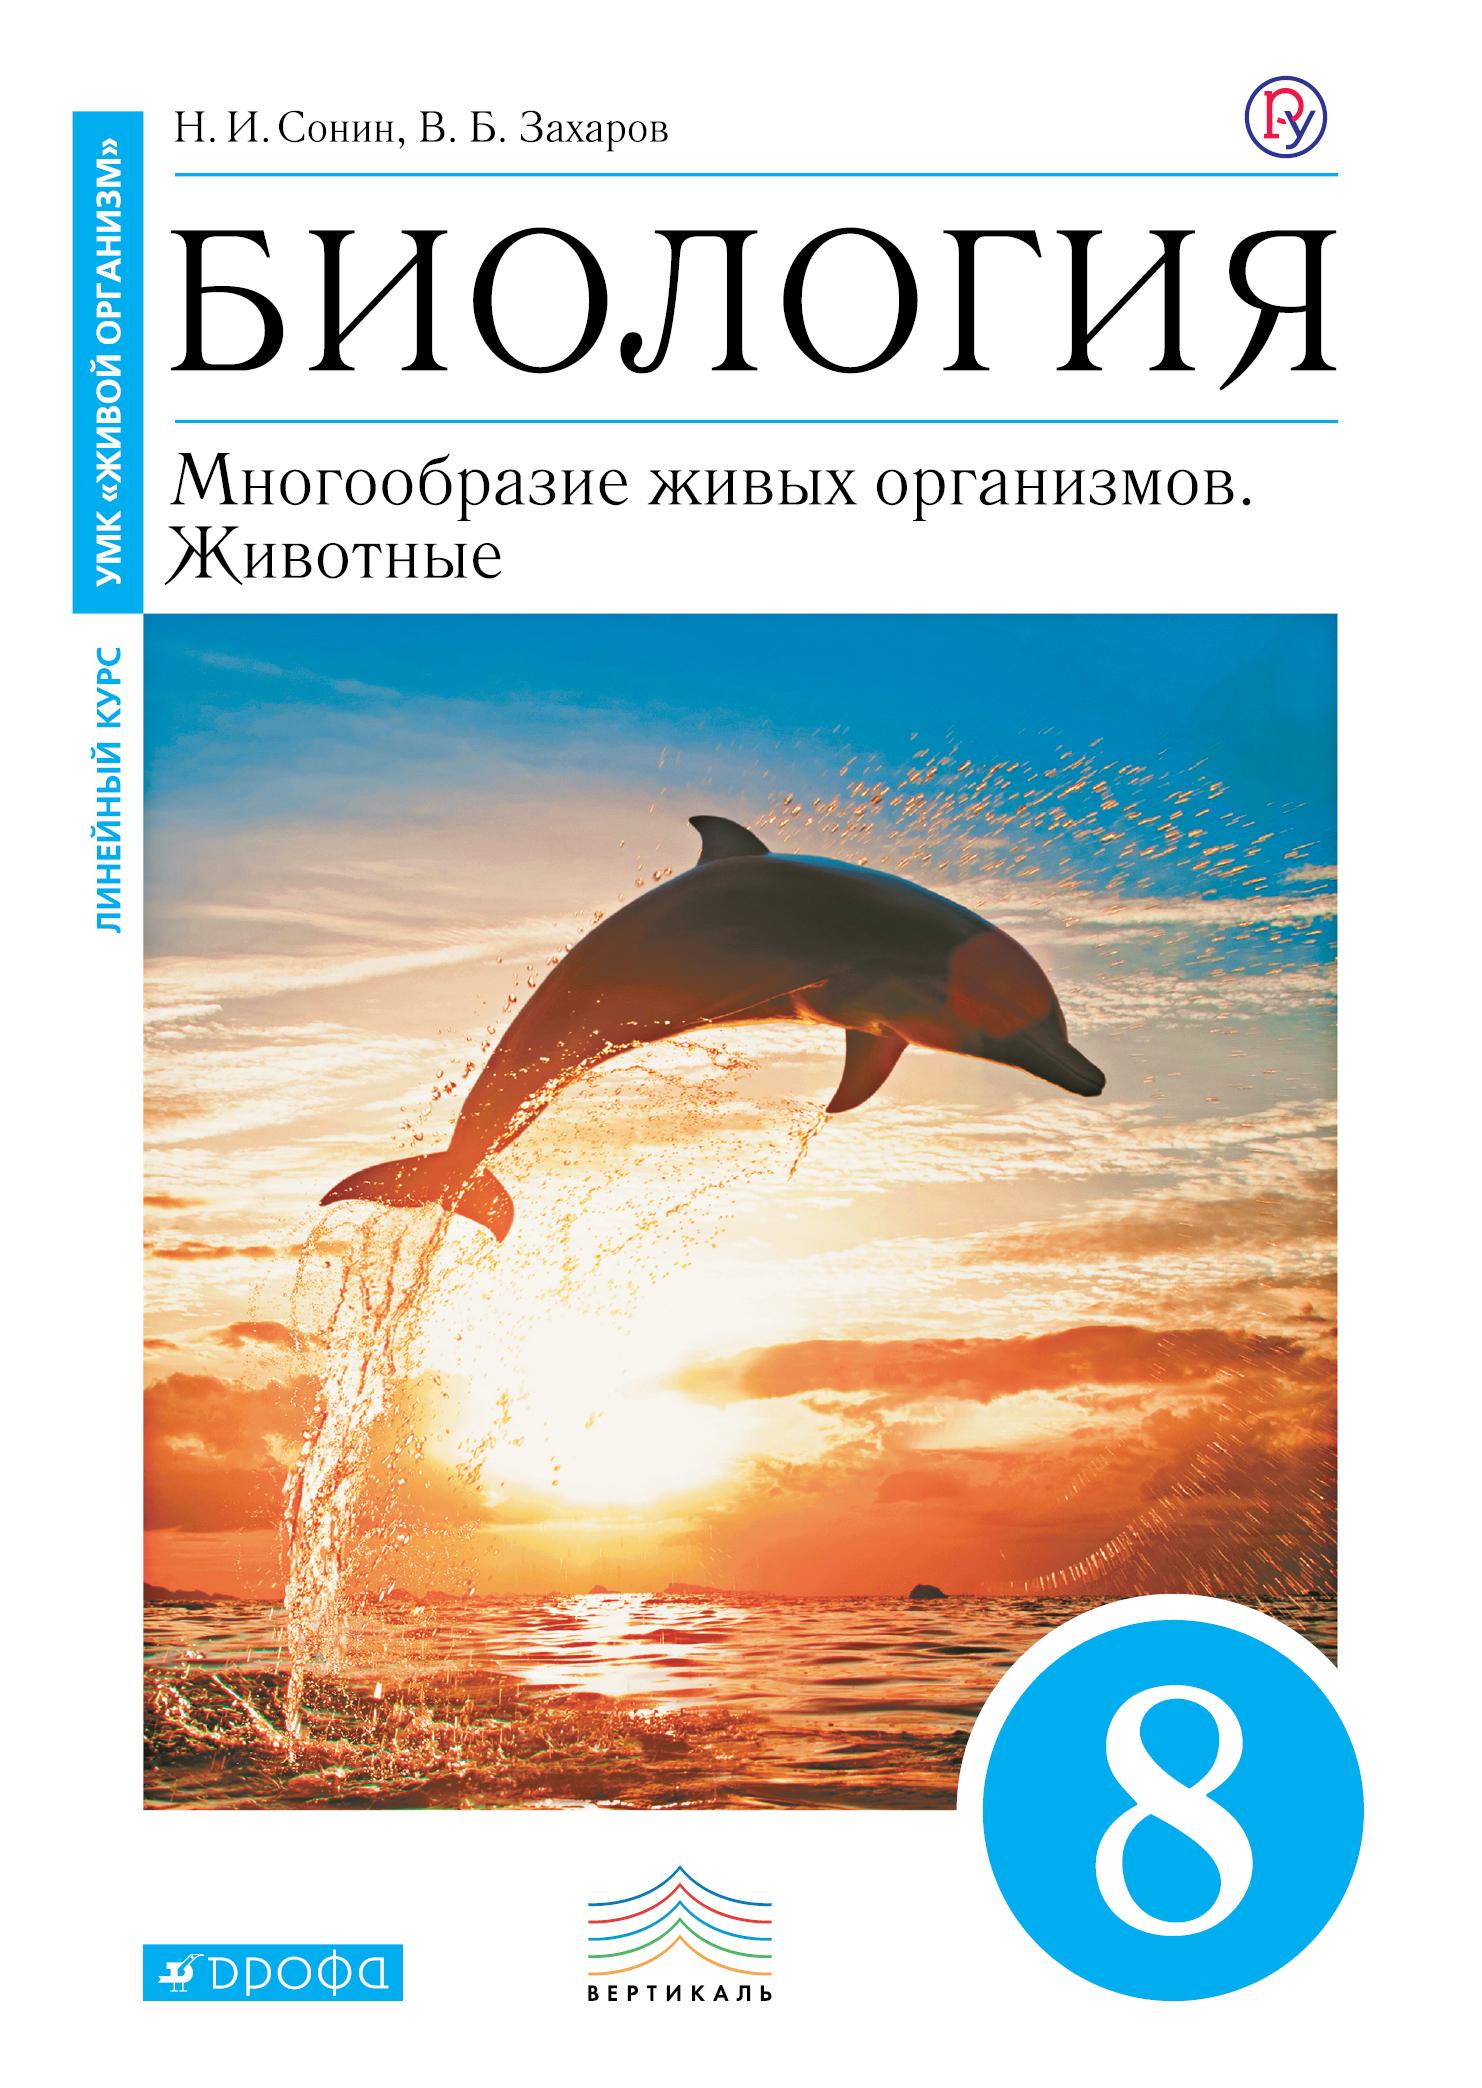 Захаров В.Б., Сонин Н.И. Биология. 8 класс. Многообразие живых организмов. Животные. Учебник